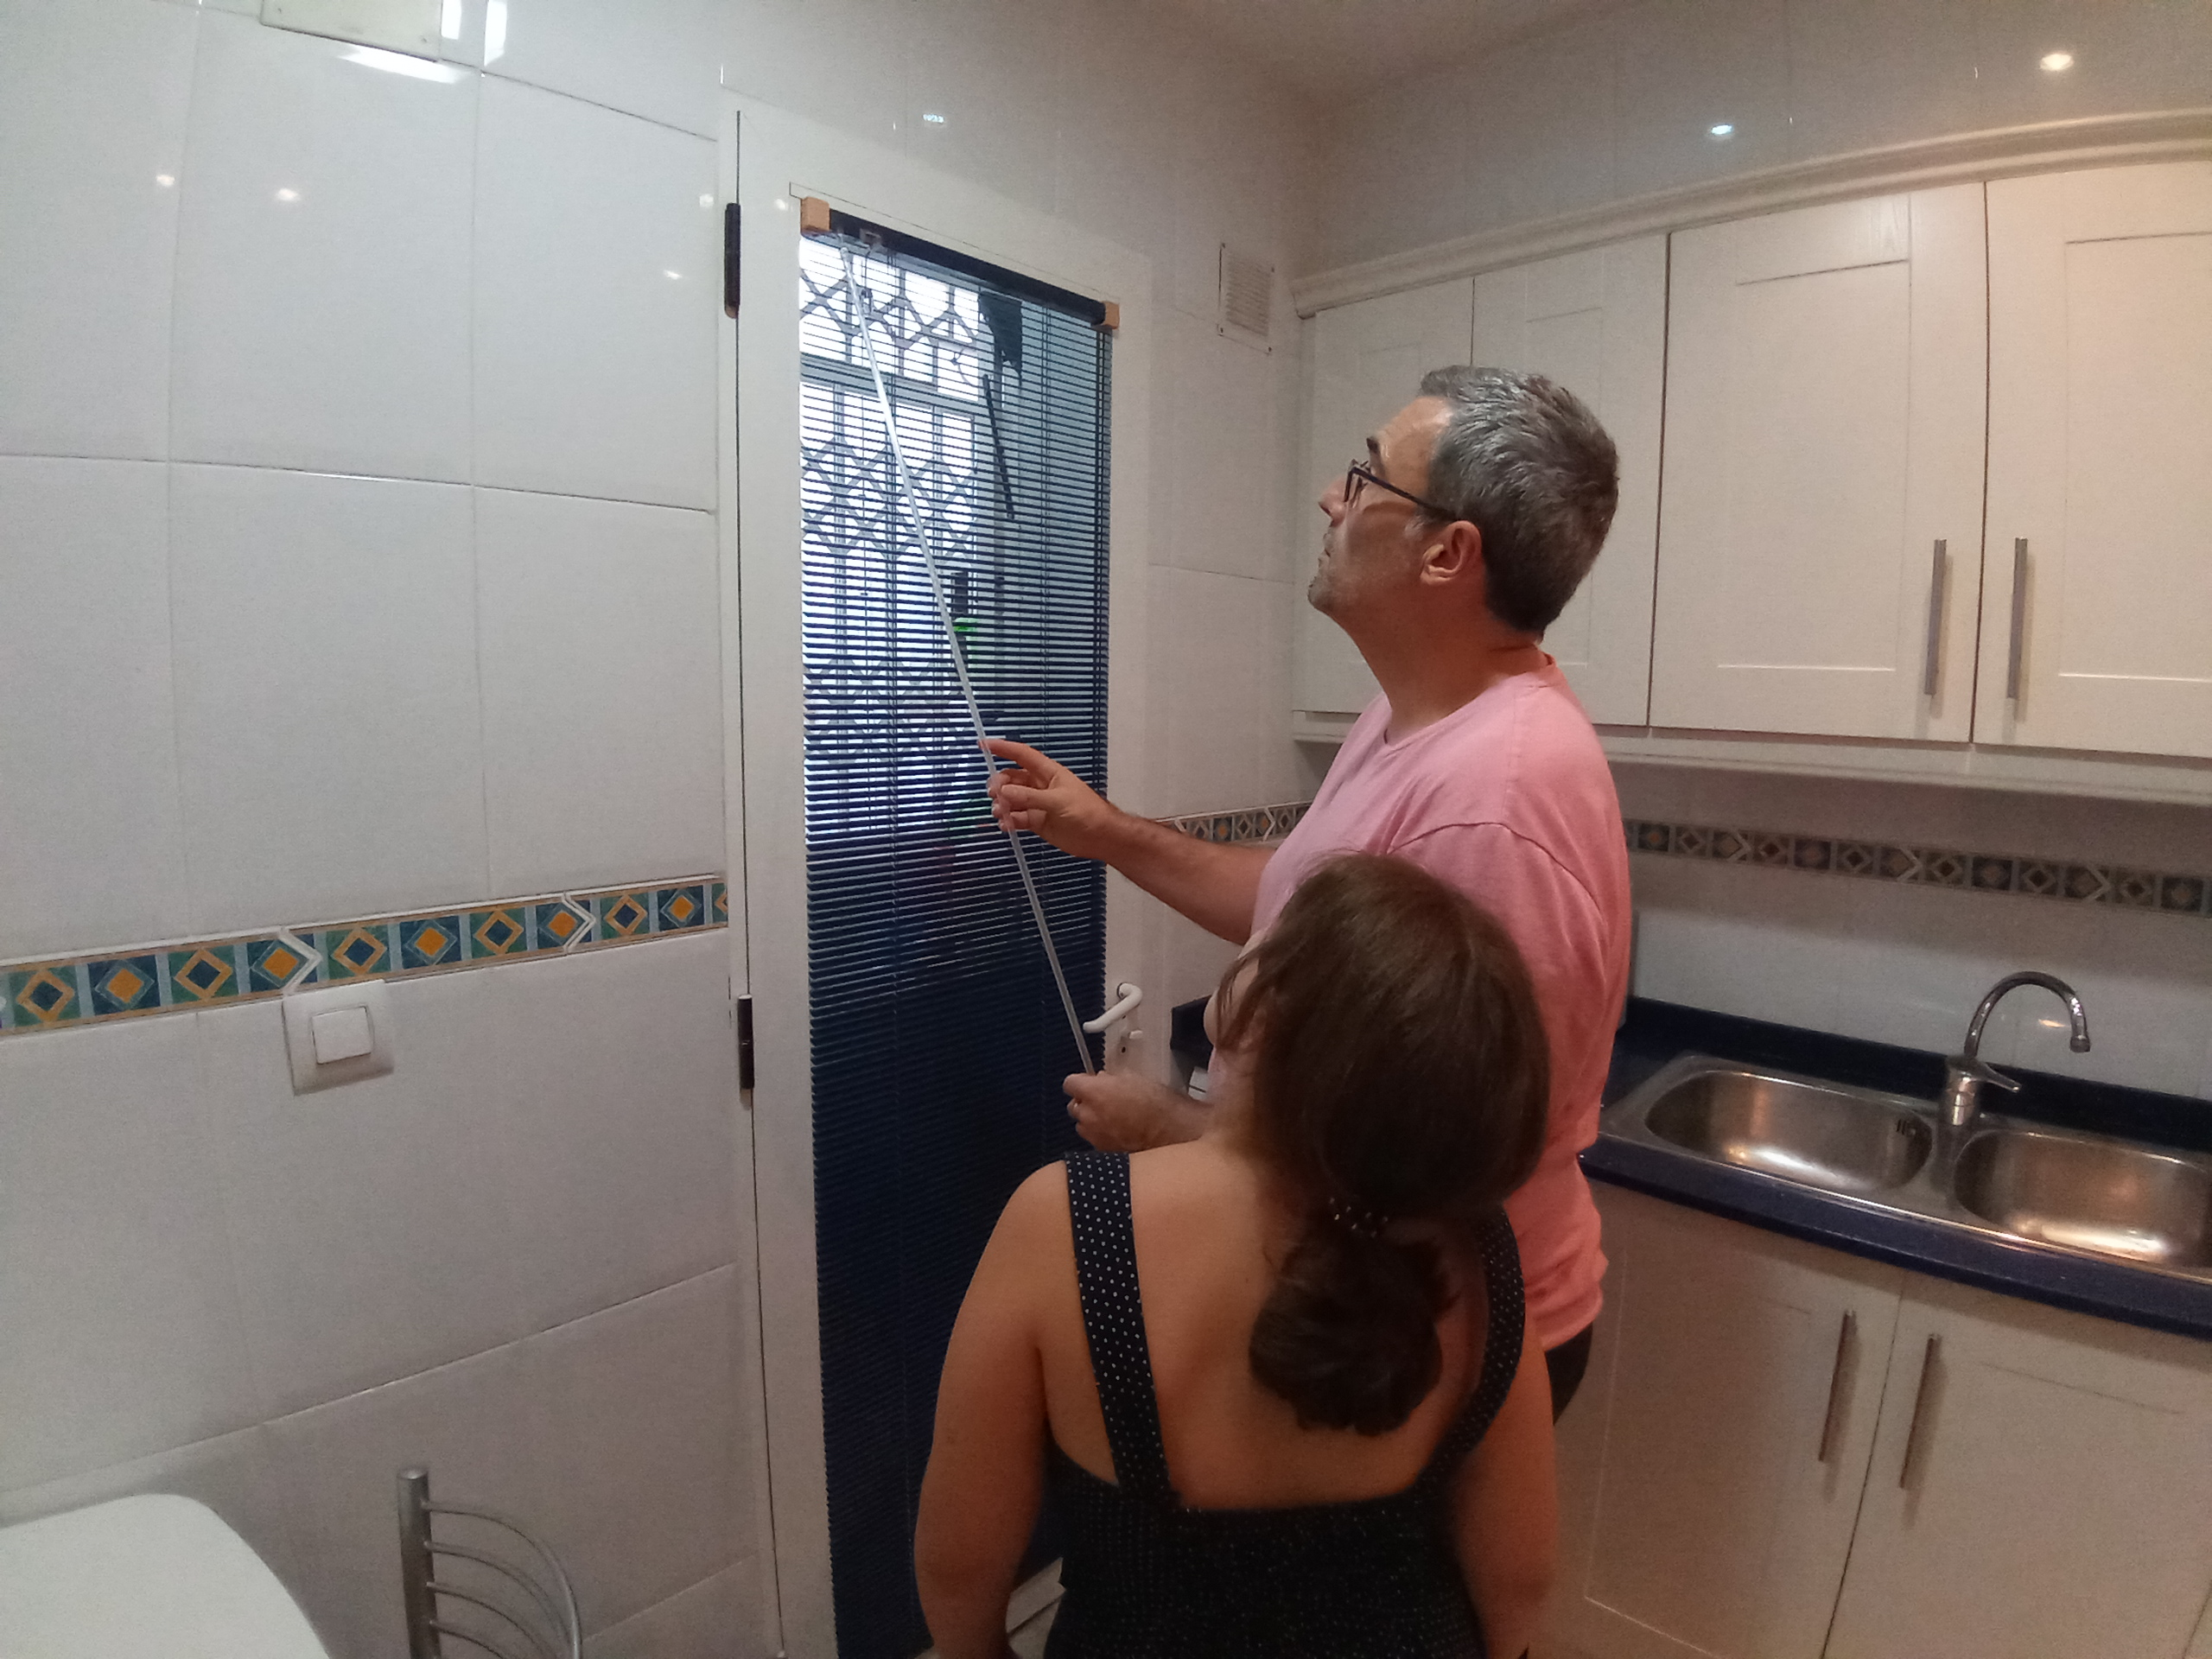 Instale la persiana en la puerta de la cocina.